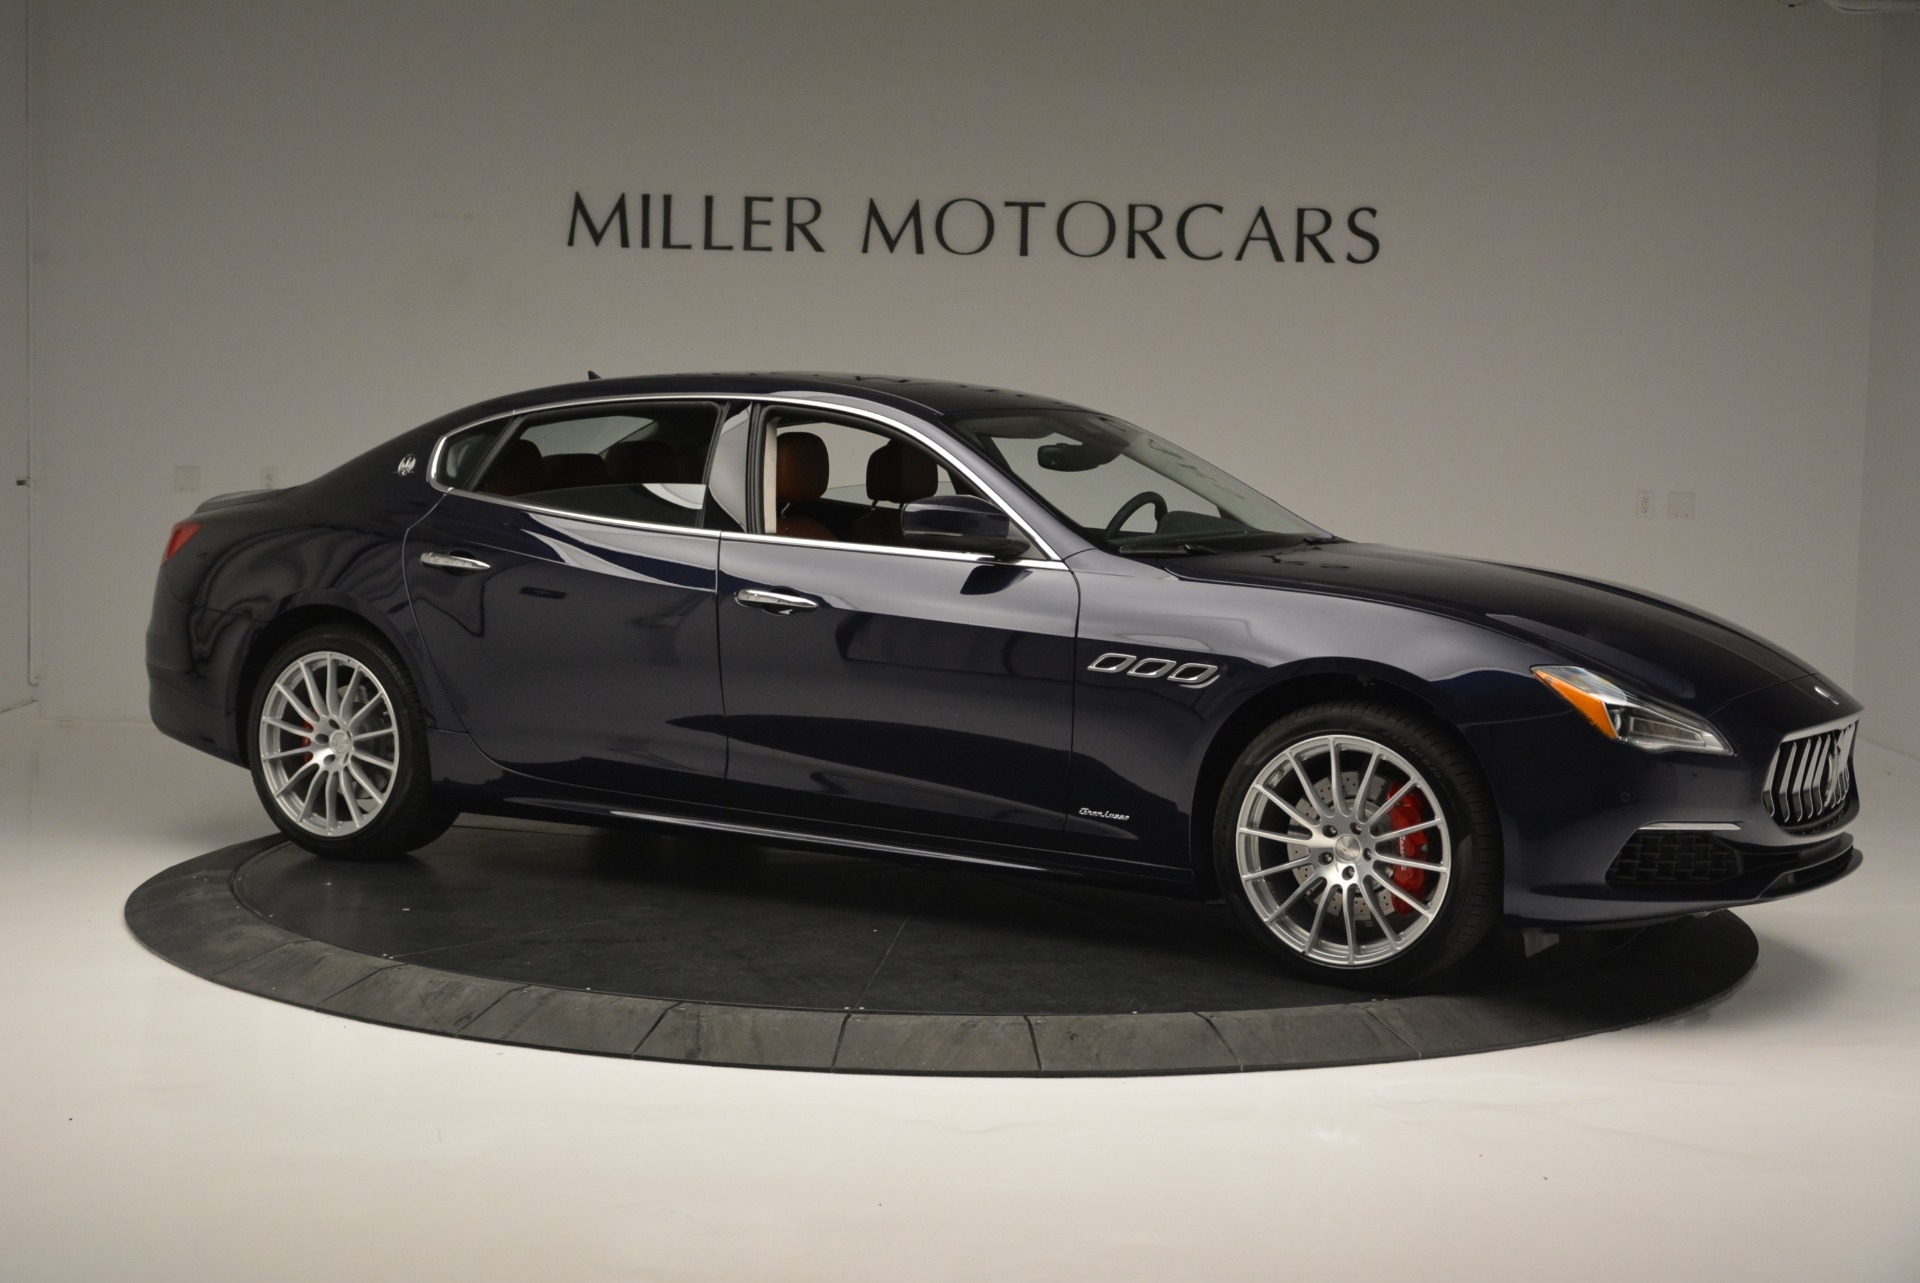 New 2018 Maserati Quattroporte S Q4 GranLusso For Sale In Westport, CT 1859_p11